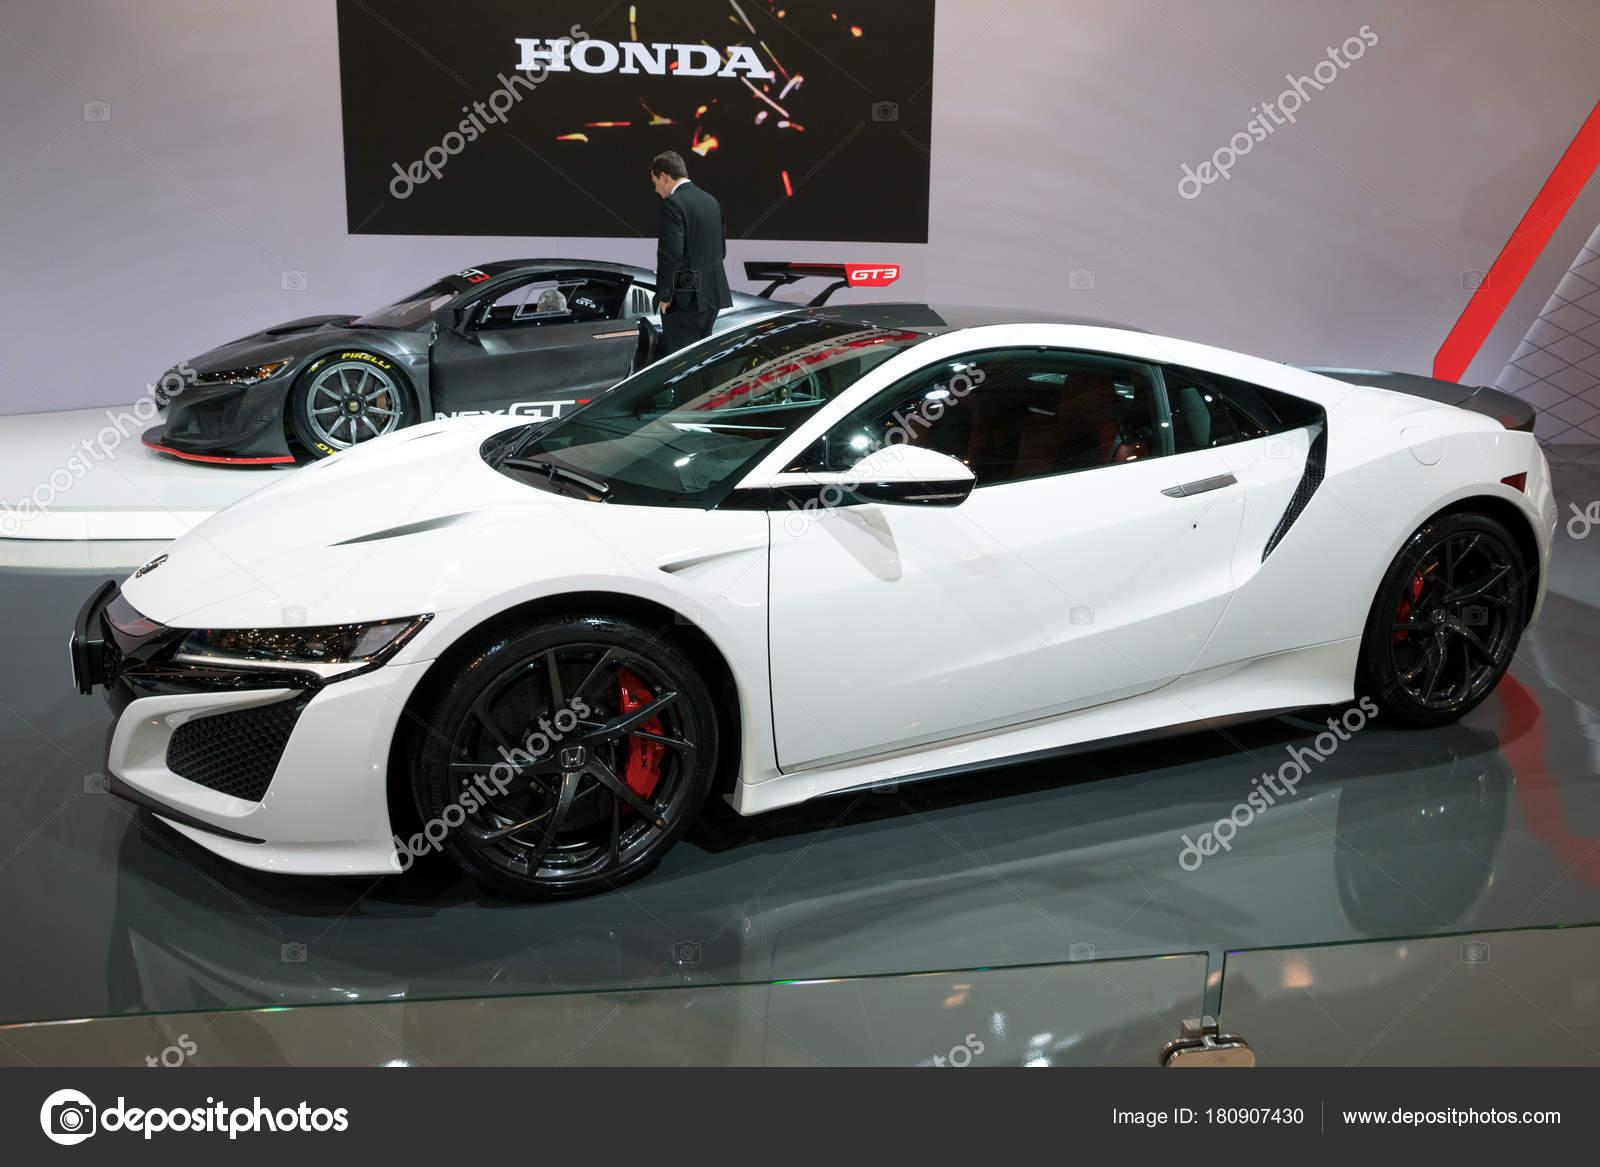 Bruselas Ene 2018 Honda Nsx Deportivo Exhibido Salón Del ...